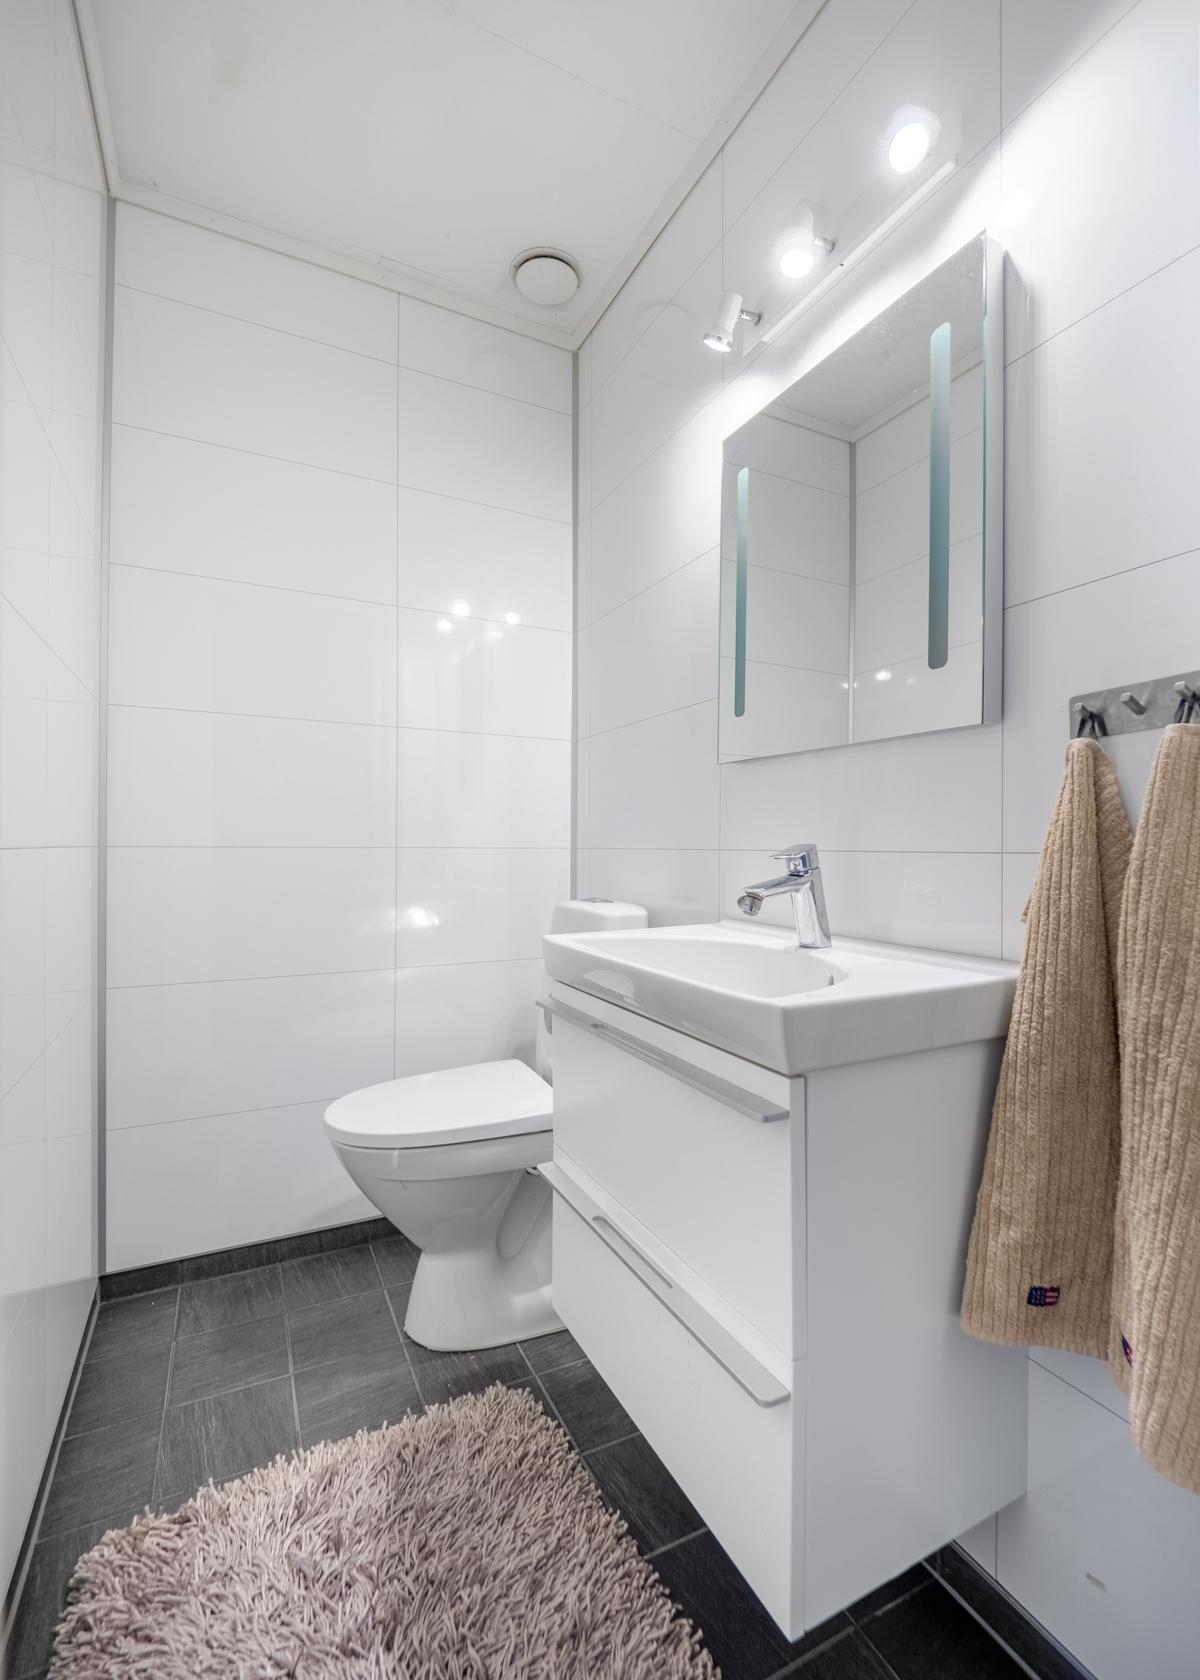 Separat toalett med wc og servantinnredning